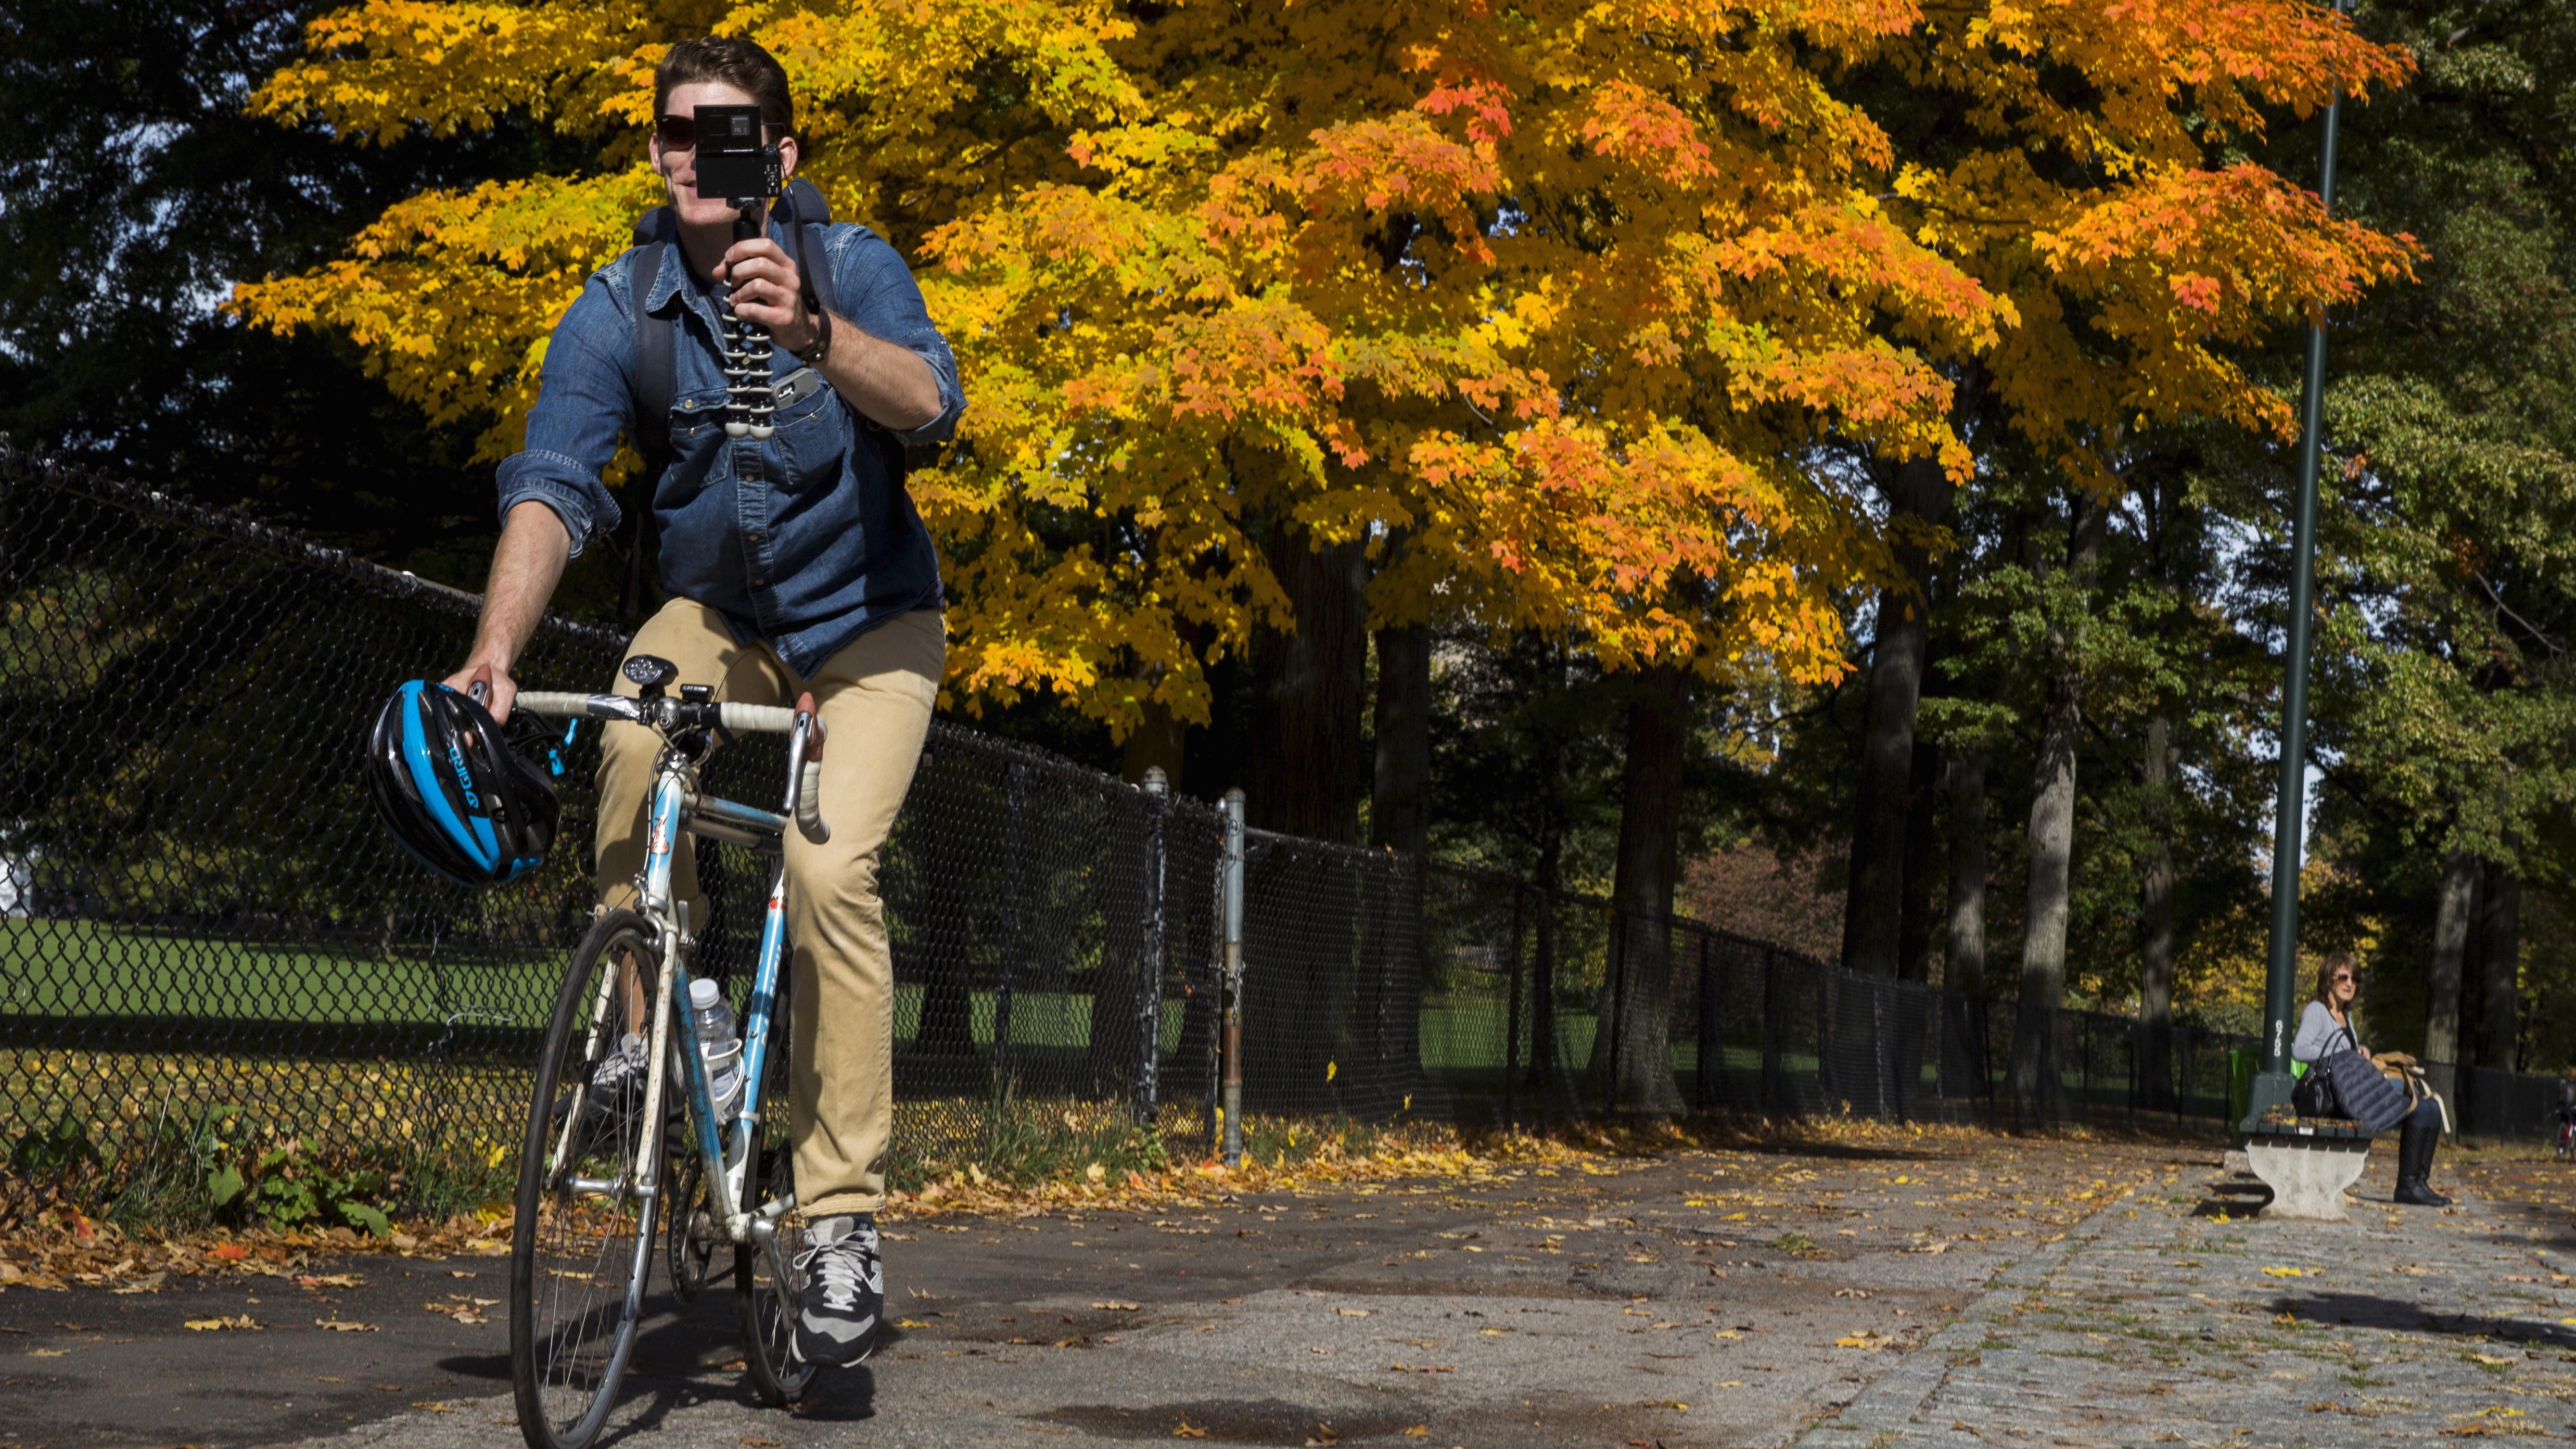 Biker films video in NY's Central Park